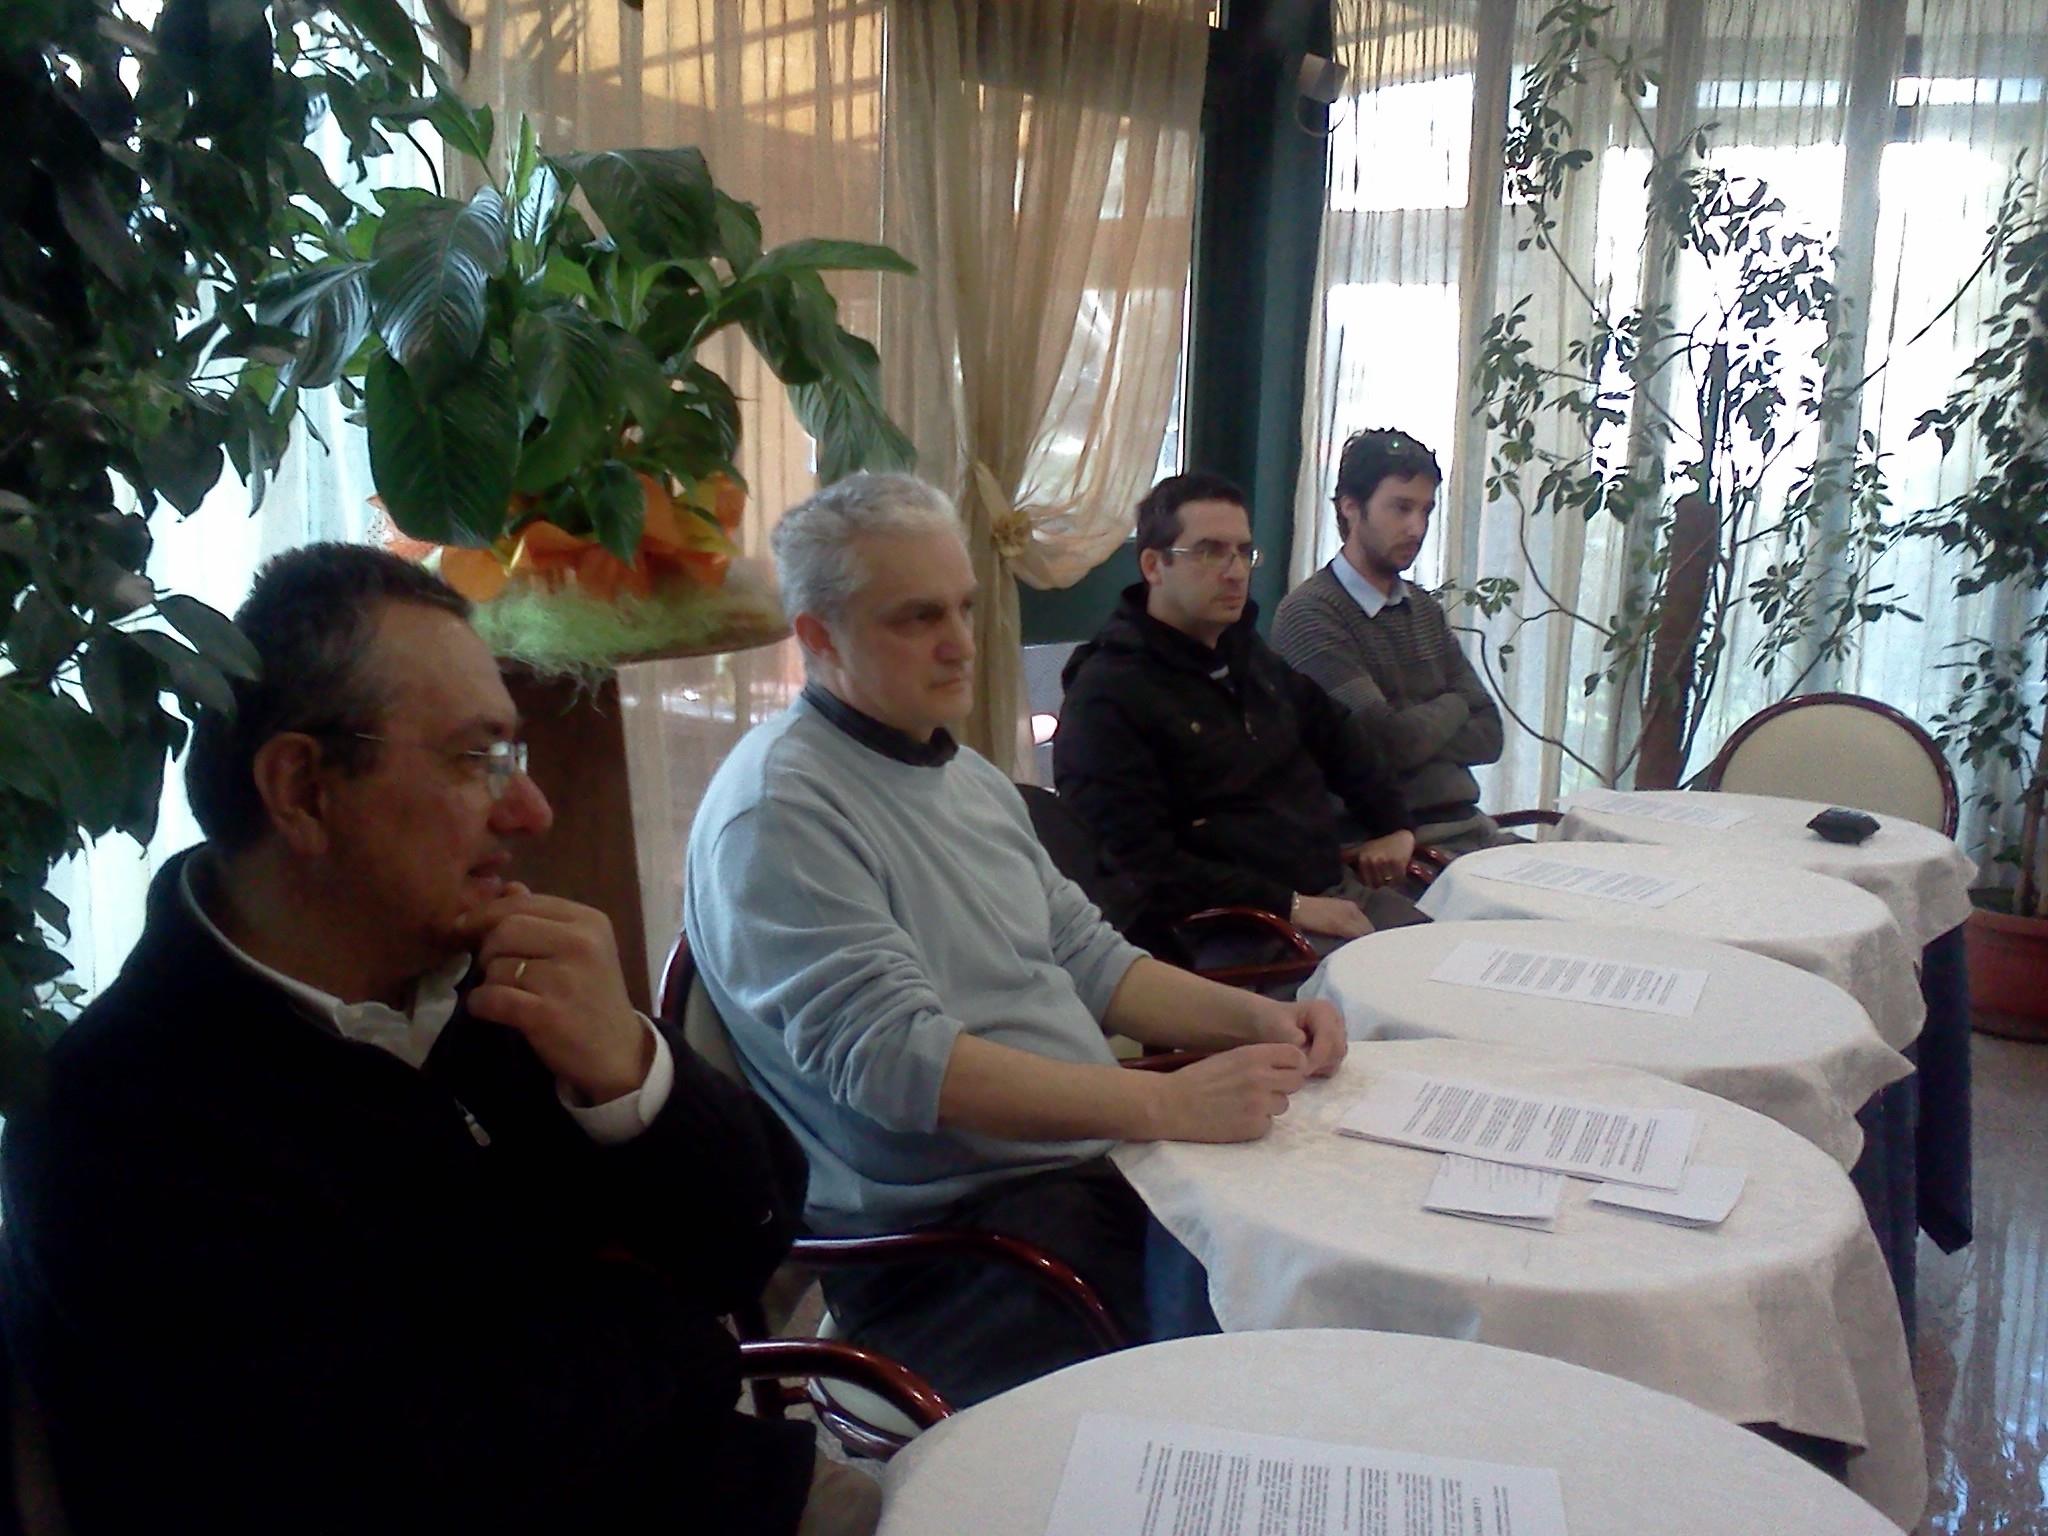 Castiglion Fiorentino: da SEL all'UDC ecco la coalizione. Con Area Democratica, ma senza PD